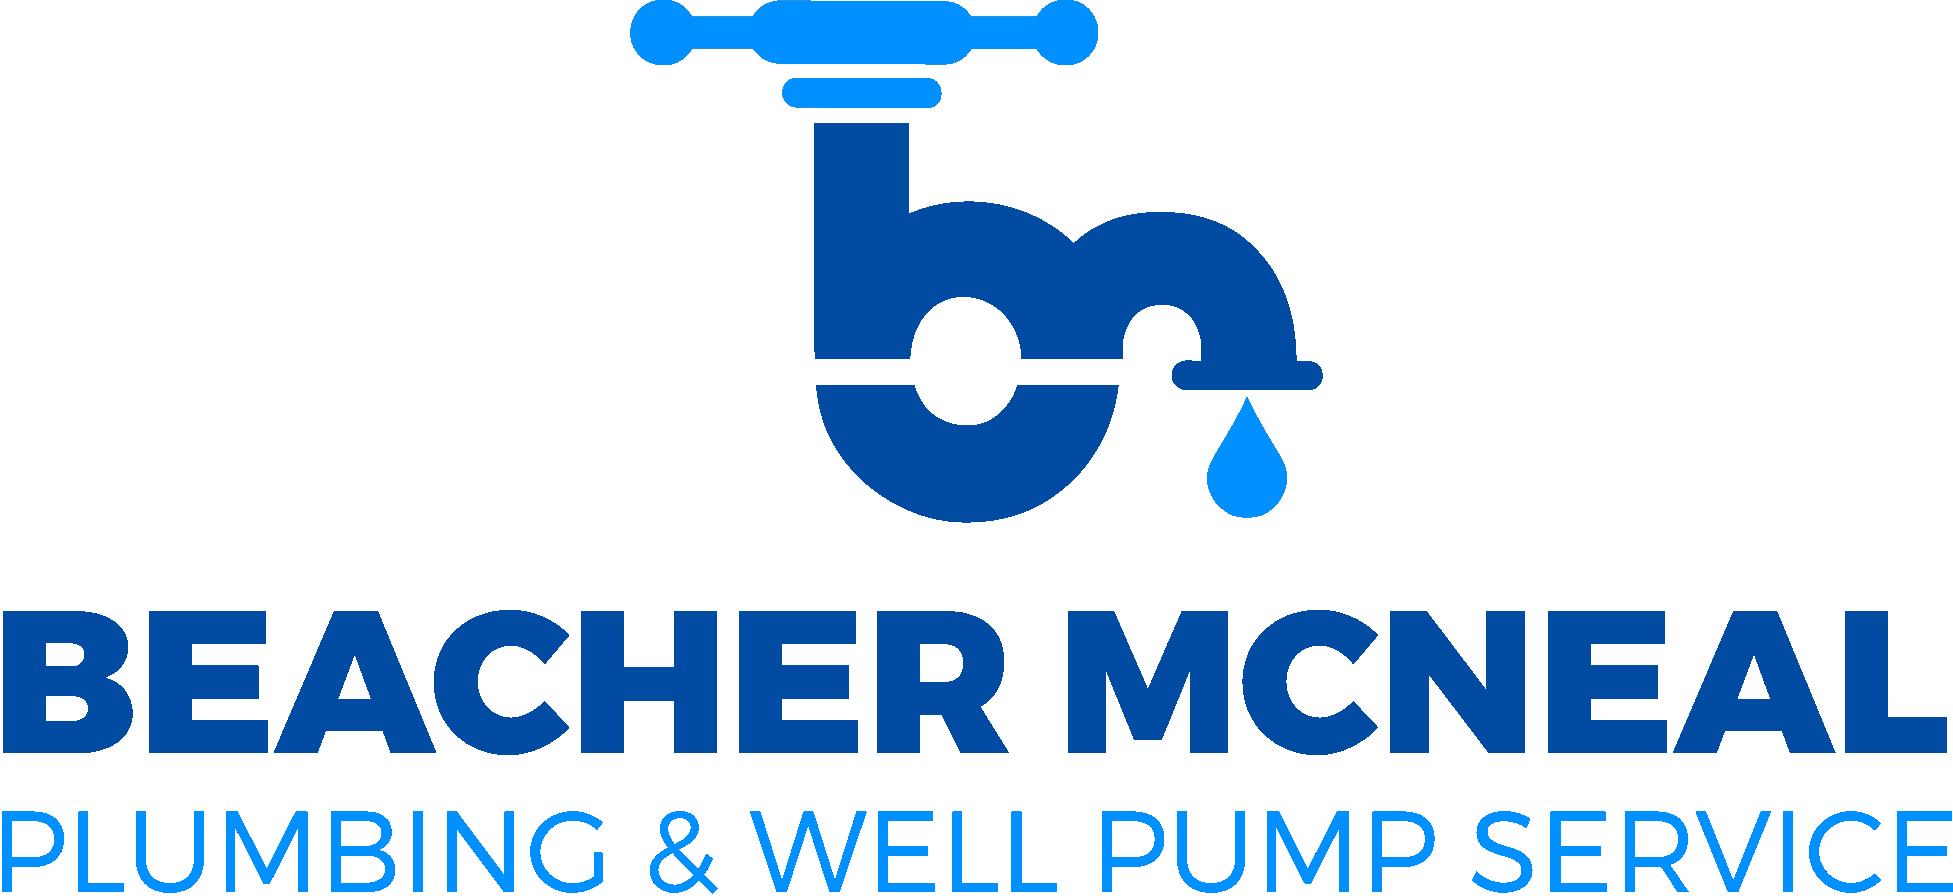 Beacher E. McNeal Plumbing & Well Pump Service